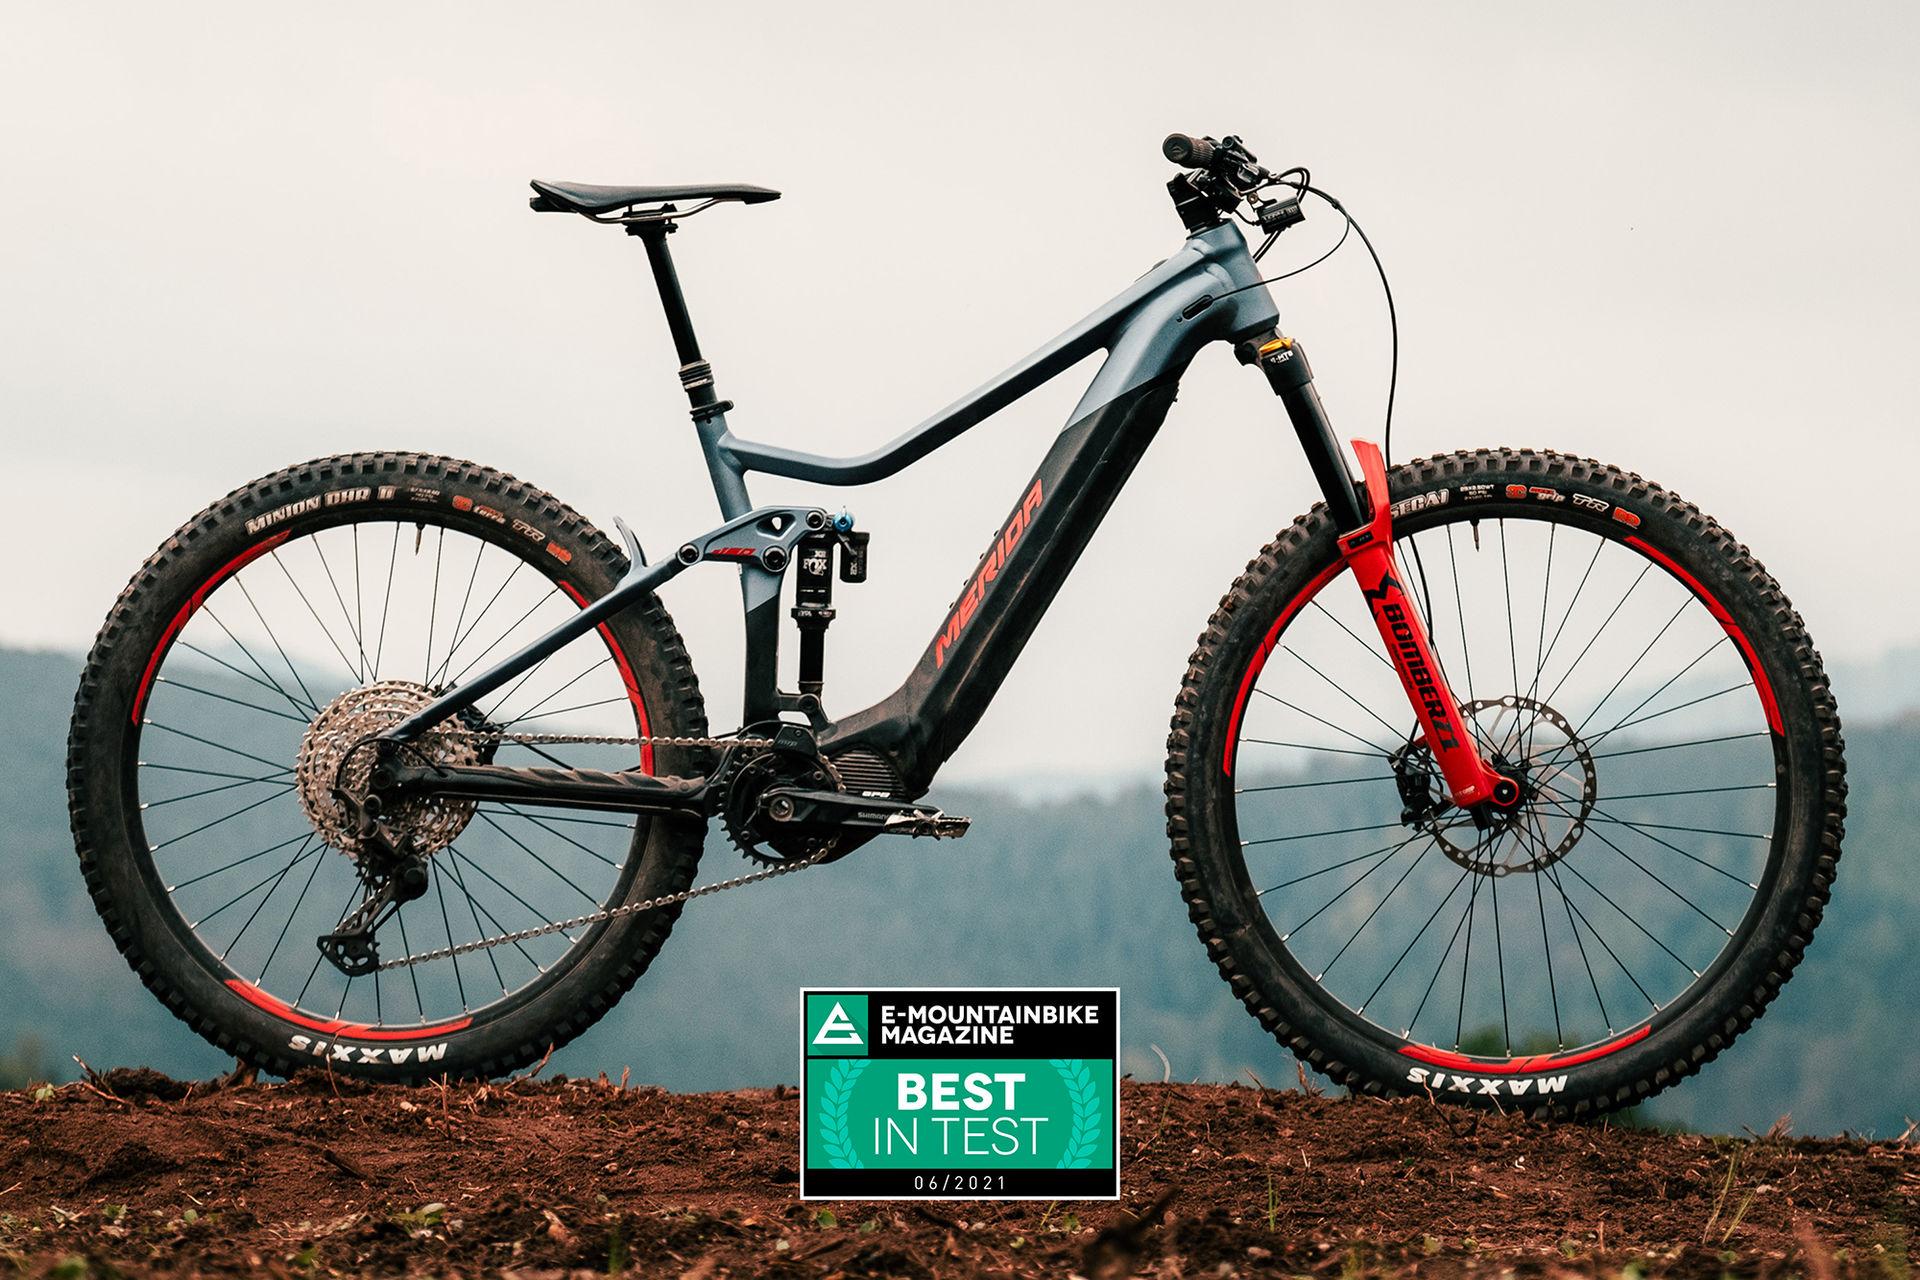 EP8, Shimano EP8, Merida eOne-Sixty, eOne-Sixty, Merida bikes, Merida, rowery Merida, rowery elektryczne, silnik Shimano, silnik EP8, e-bike, ebike, e-bikes, eOne-Soxty 700